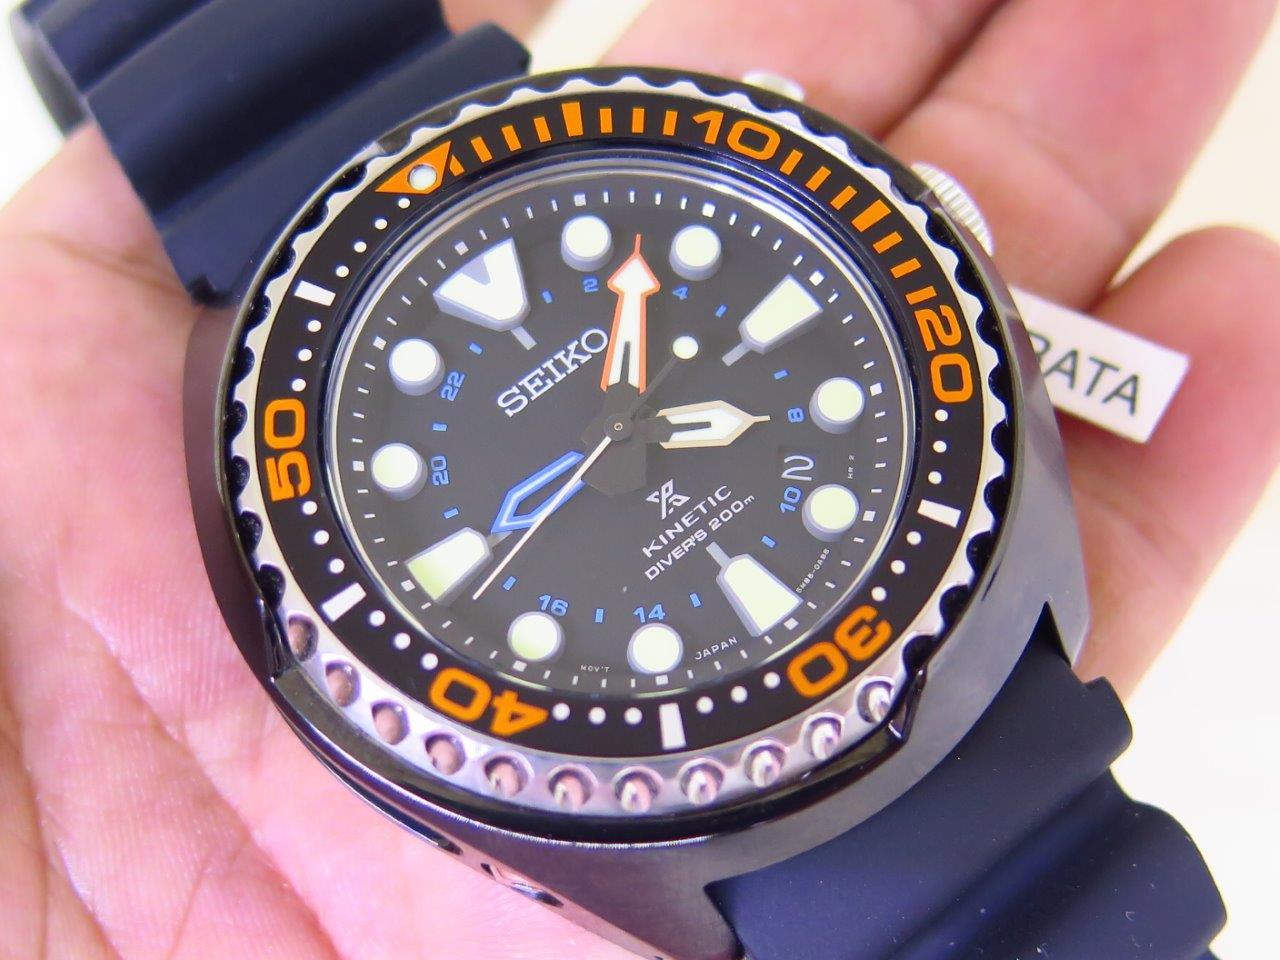 SEIKO PROSPEX KINETIC GMT DIVER 200m - SEIKO SUN023